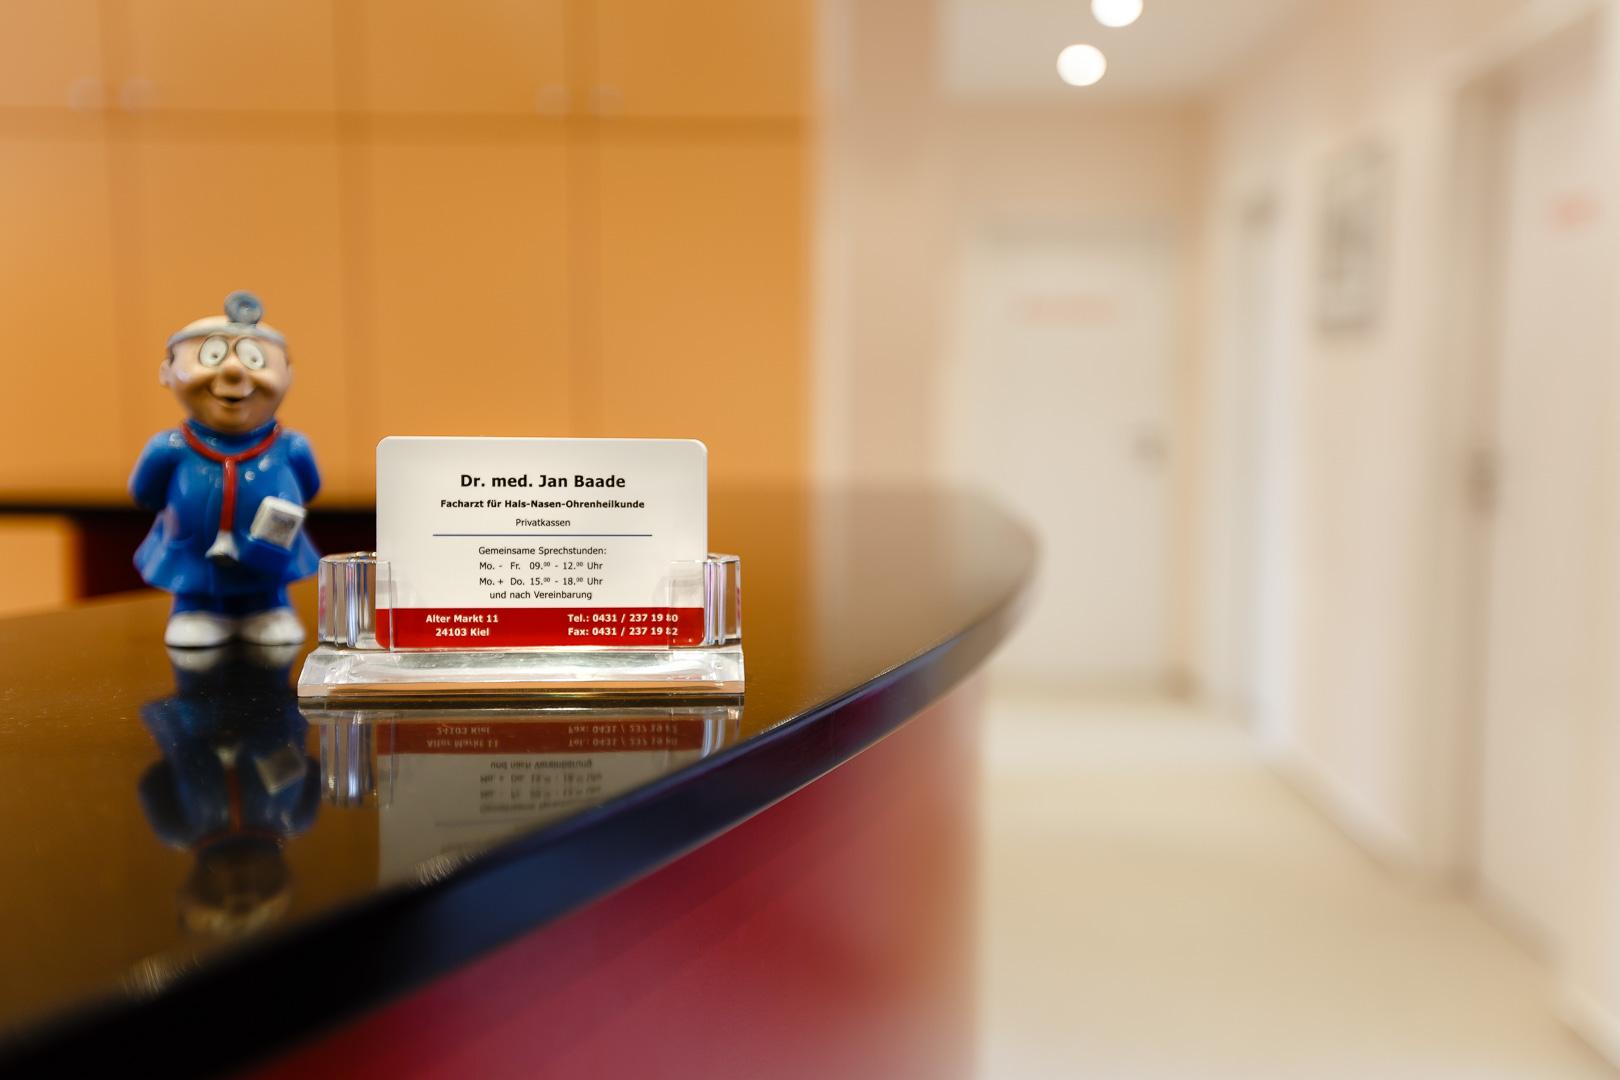 Visitenkarten am Empfang der HNO-Praxis von Dr. med. Jan Baade